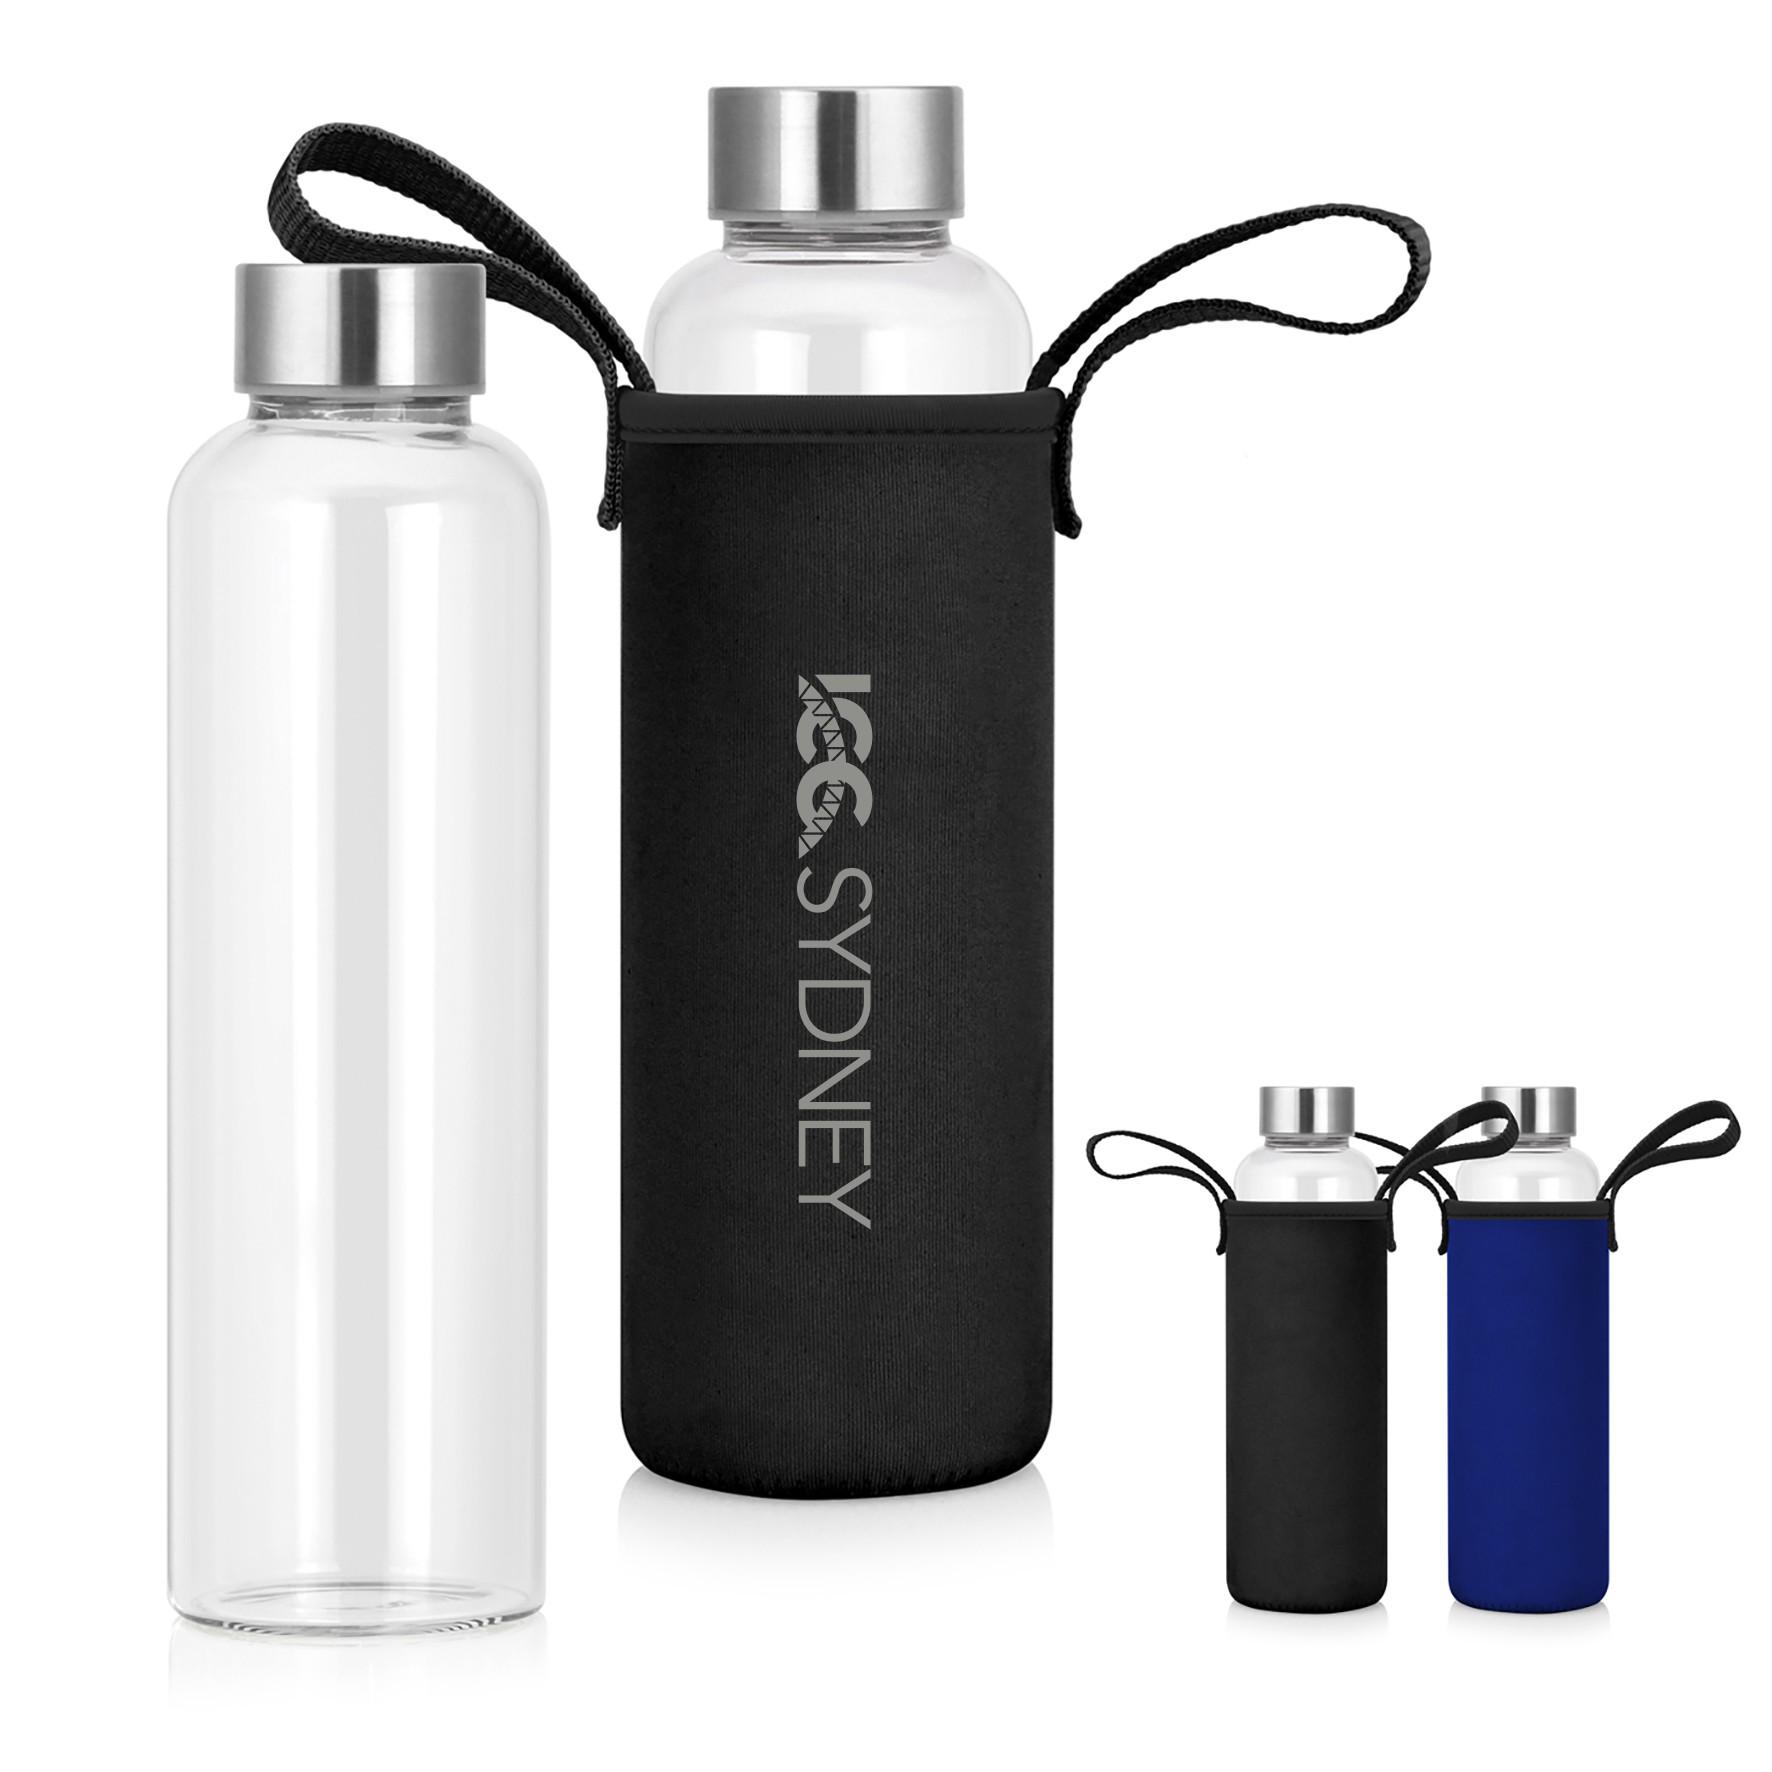 600ml Glass Drink Bottle w/Neoprene Sleeve